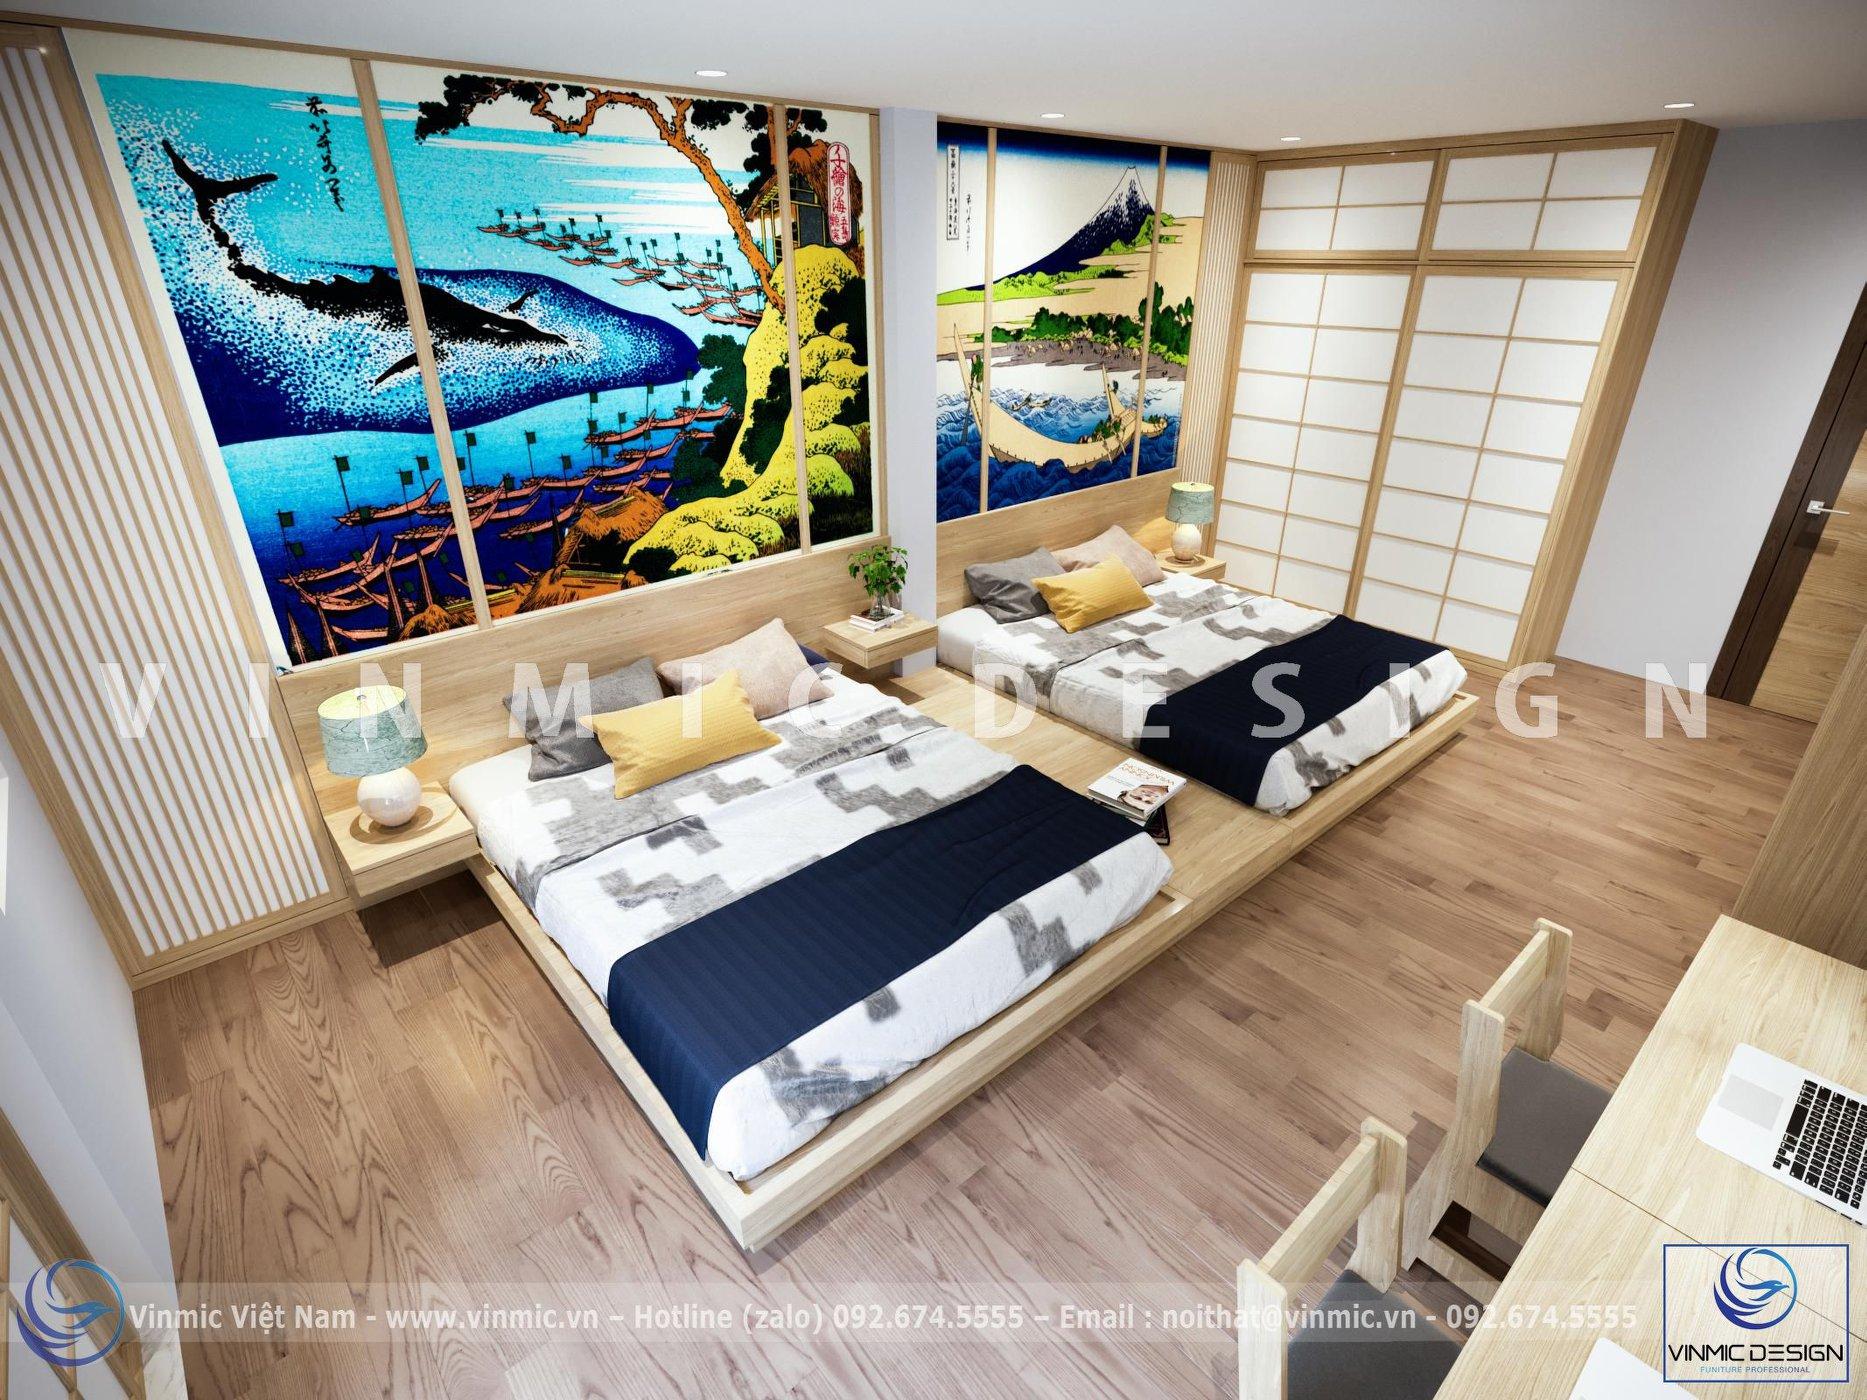 Thiết kế nội thất căn hộ theo phong cách Nhật Bản